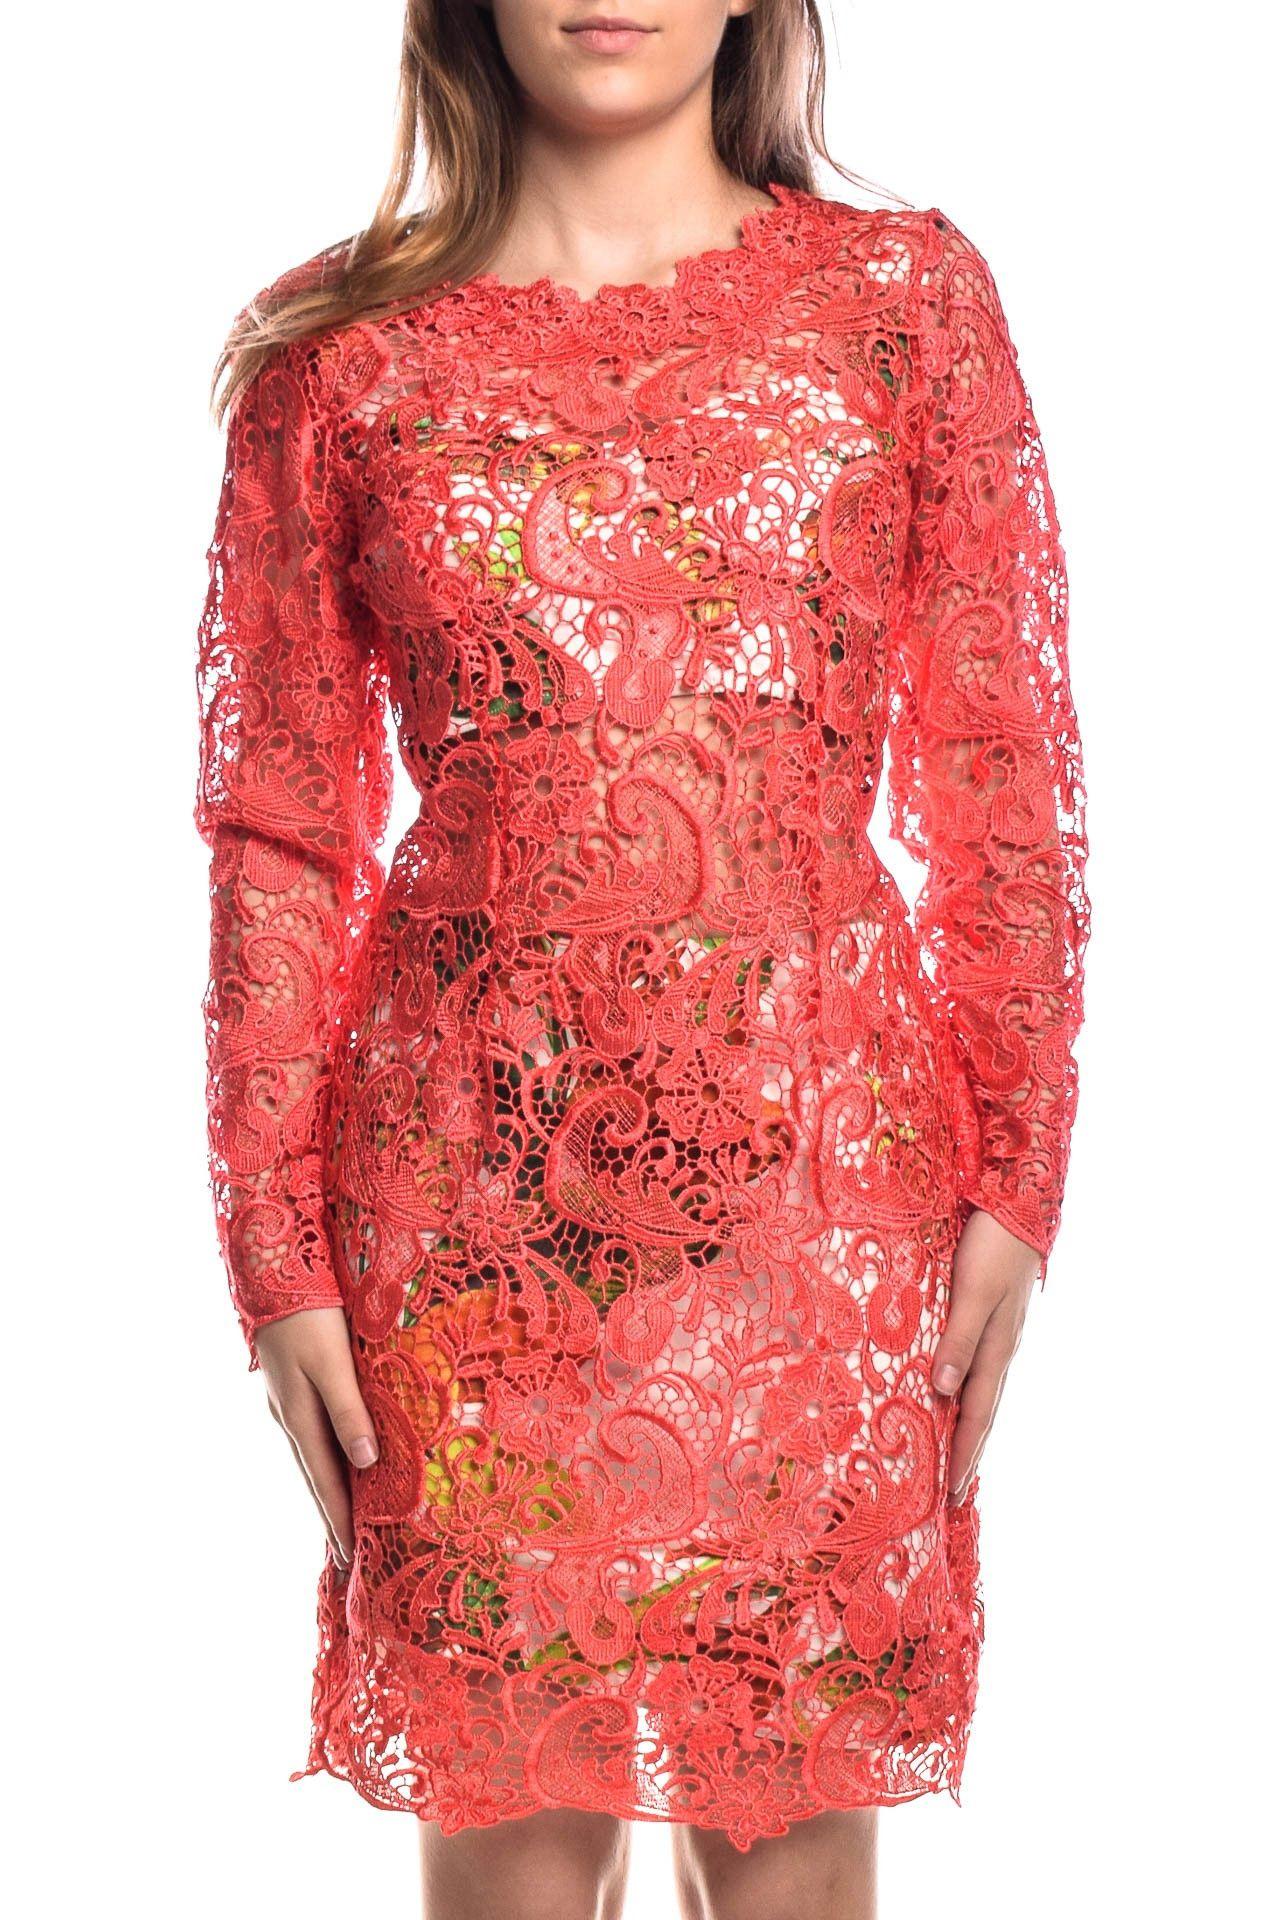 Fabulous Agilità - Conjunto Vestido Renda Coral - Foto 2